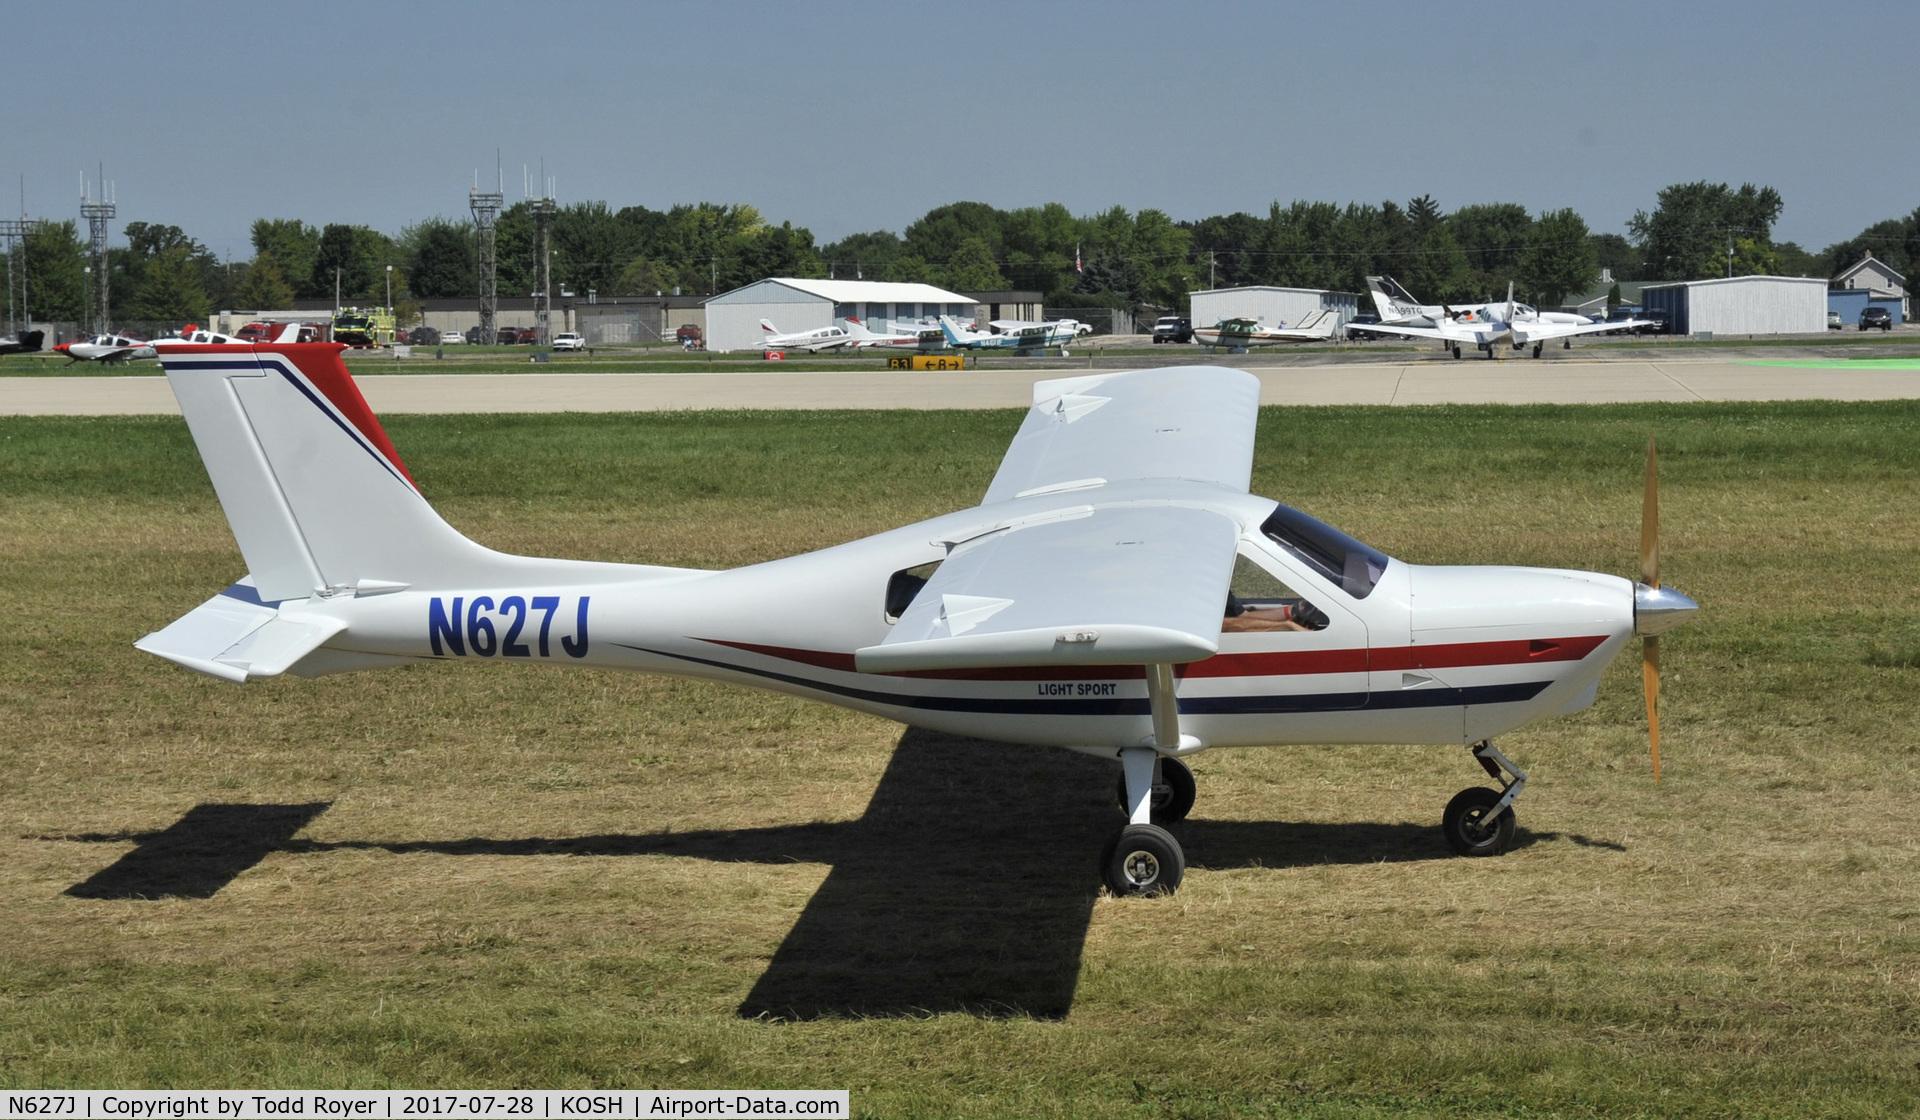 N627J, 2007 Jabiru J250-SP C/N 471, Airventure 2017